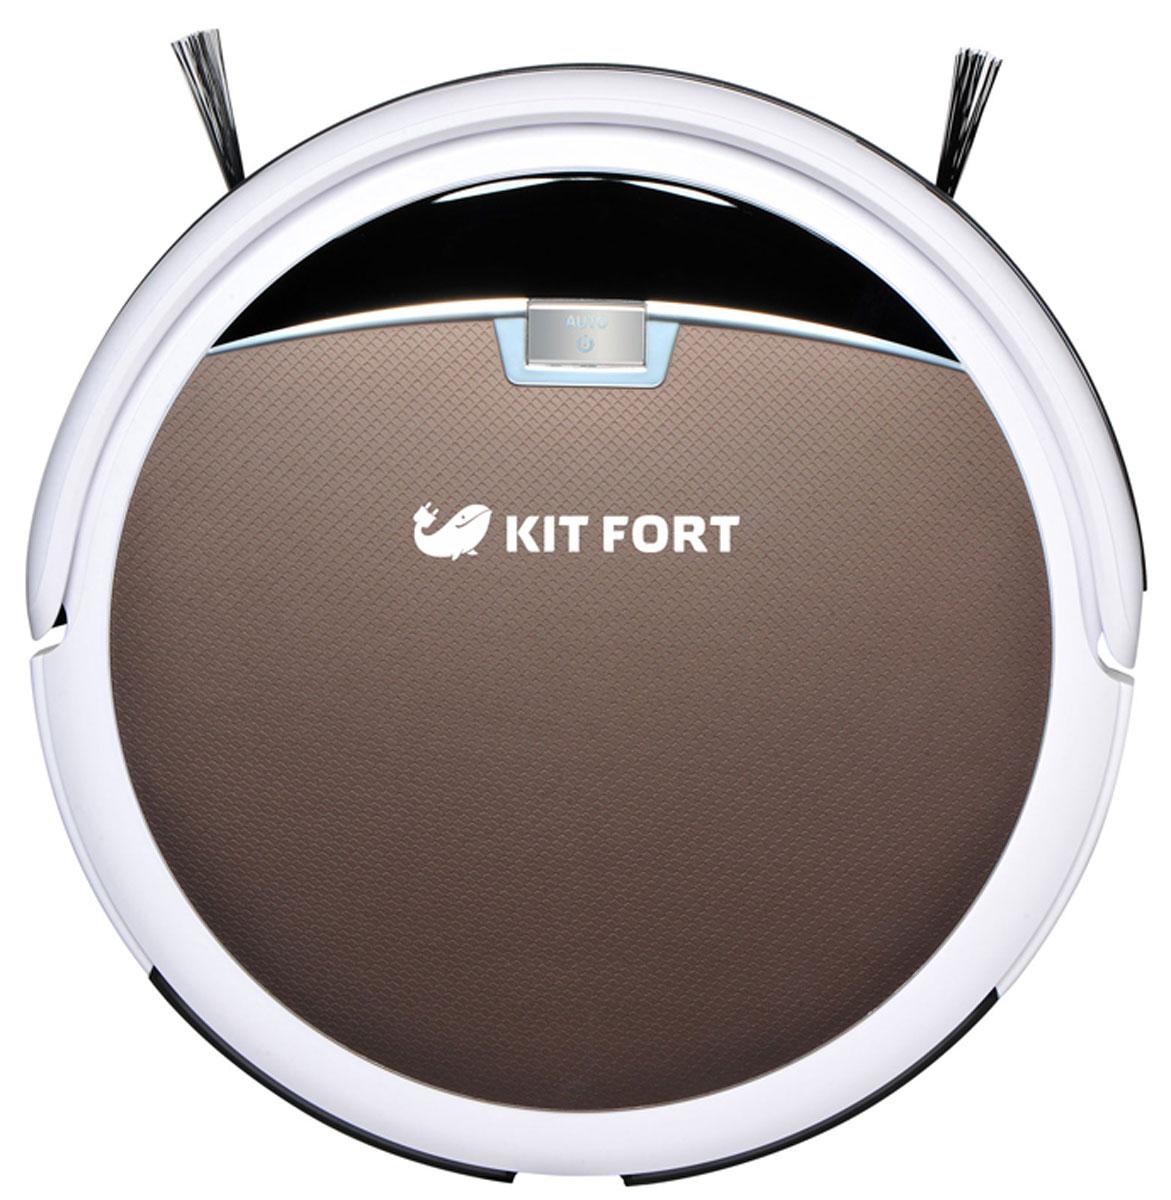 Kitfort KT-519-4, Brown робот-пылесос ( KT-519-4 коричневый )